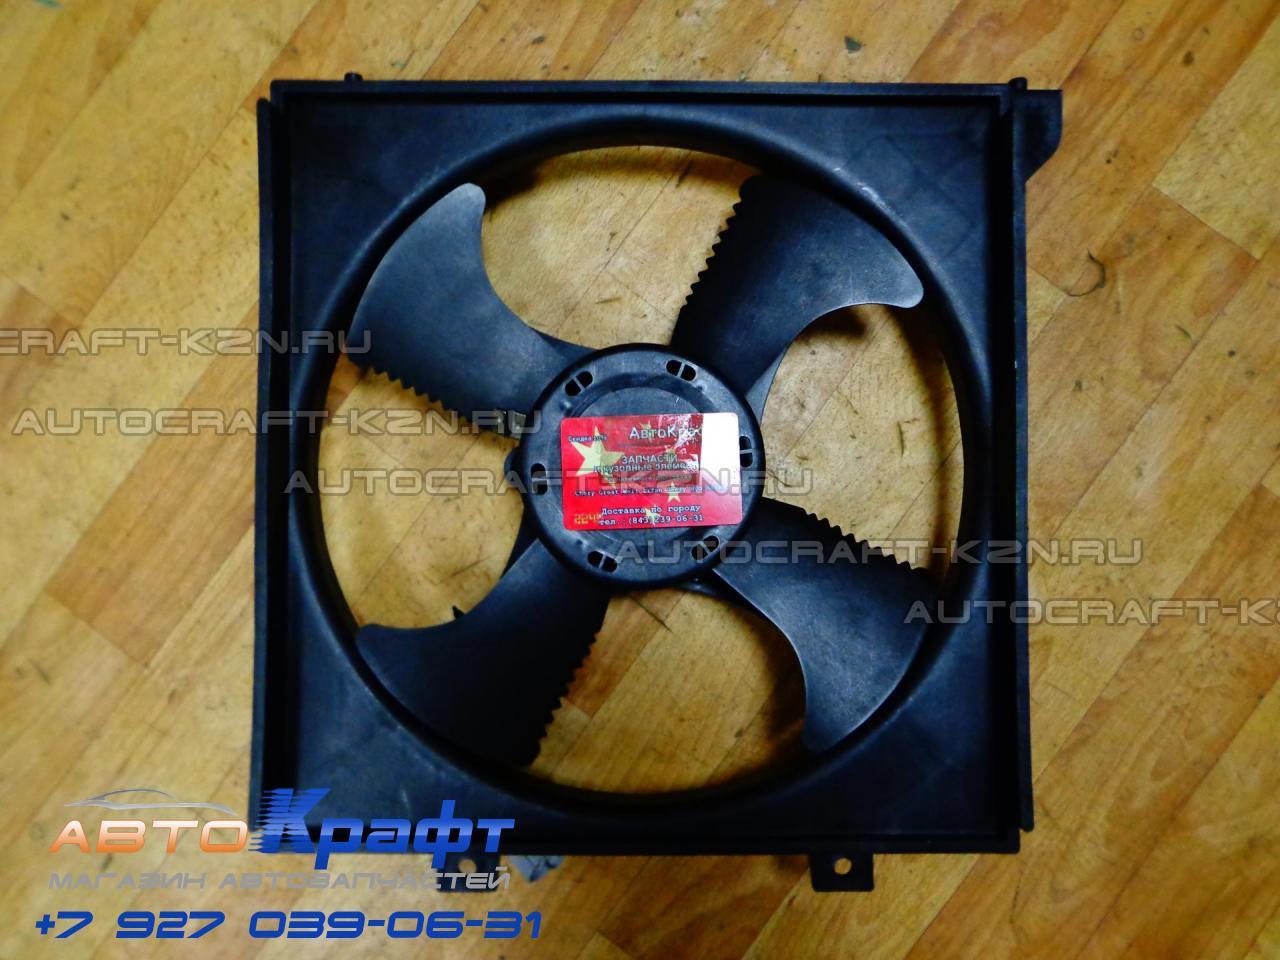 схема охлождения двигателя f3r